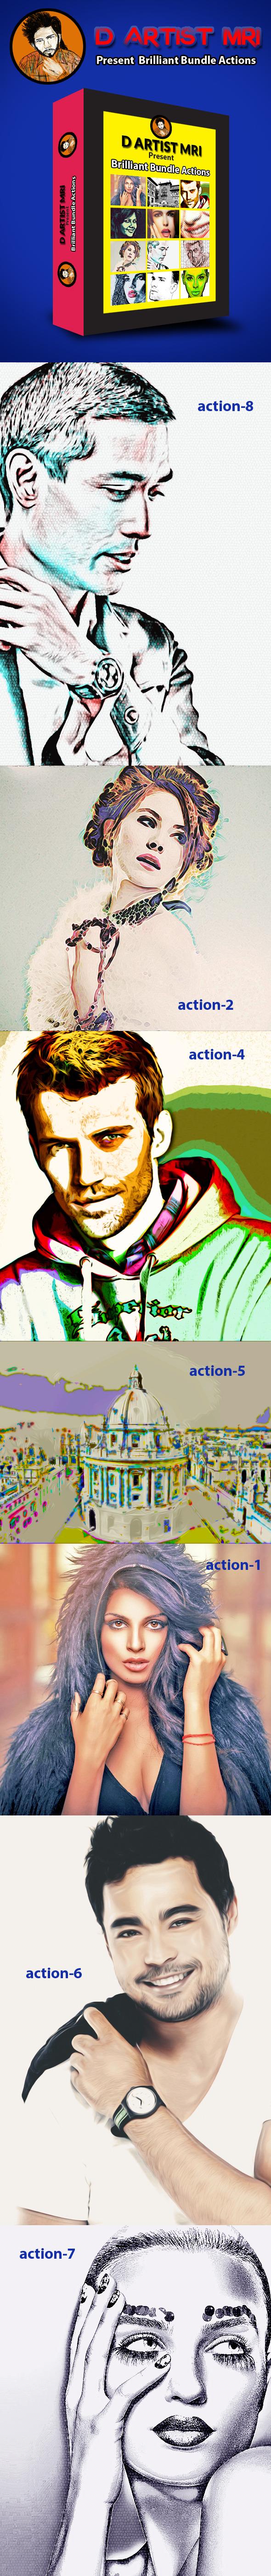 Bundle Actions - Actions Photoshop